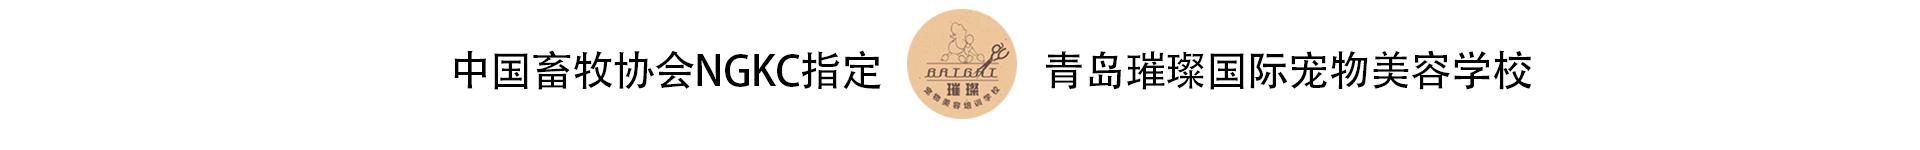 青岛璀璨宠物美容有限公司